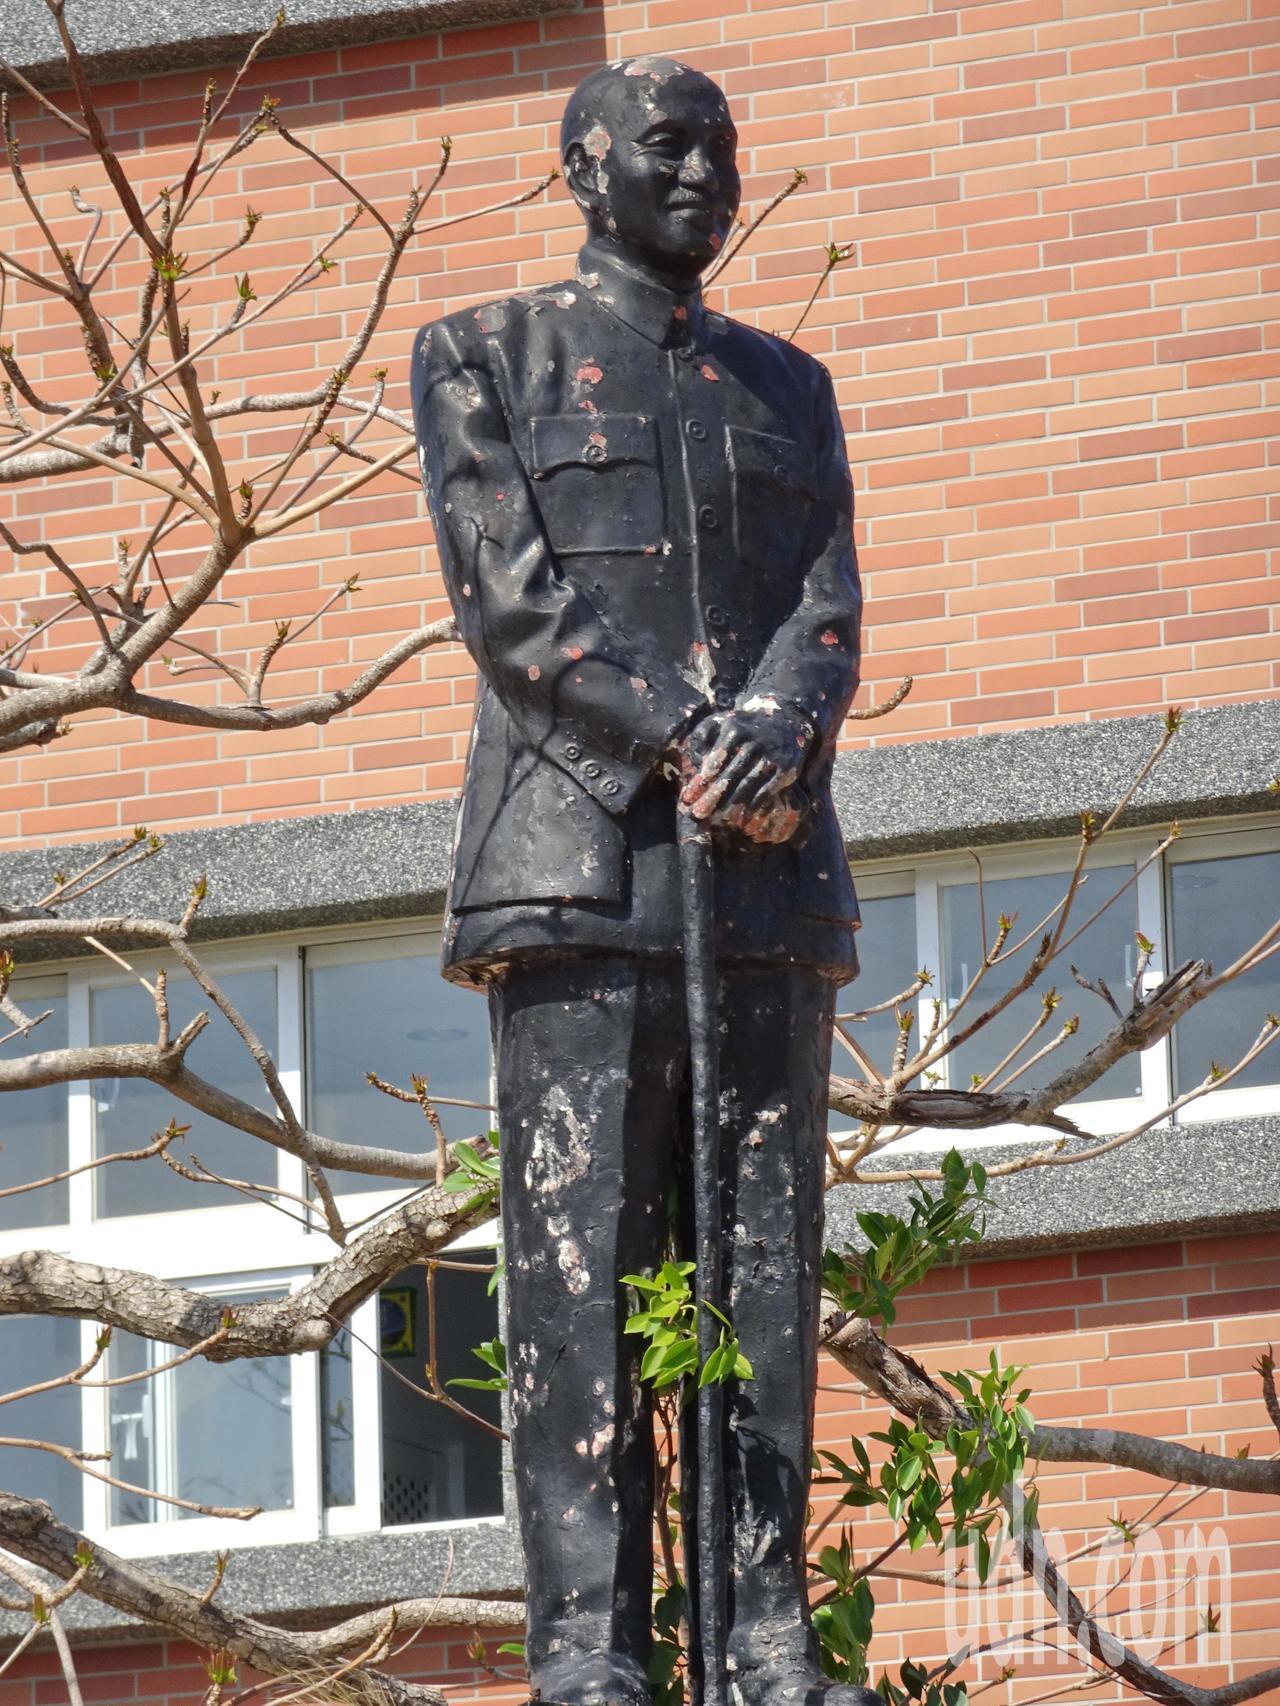 屏東縣恆春國中的蔣介石銅像,全身佈滿被石塊丟擲的破損痕跡。記者潘欣中/攝影